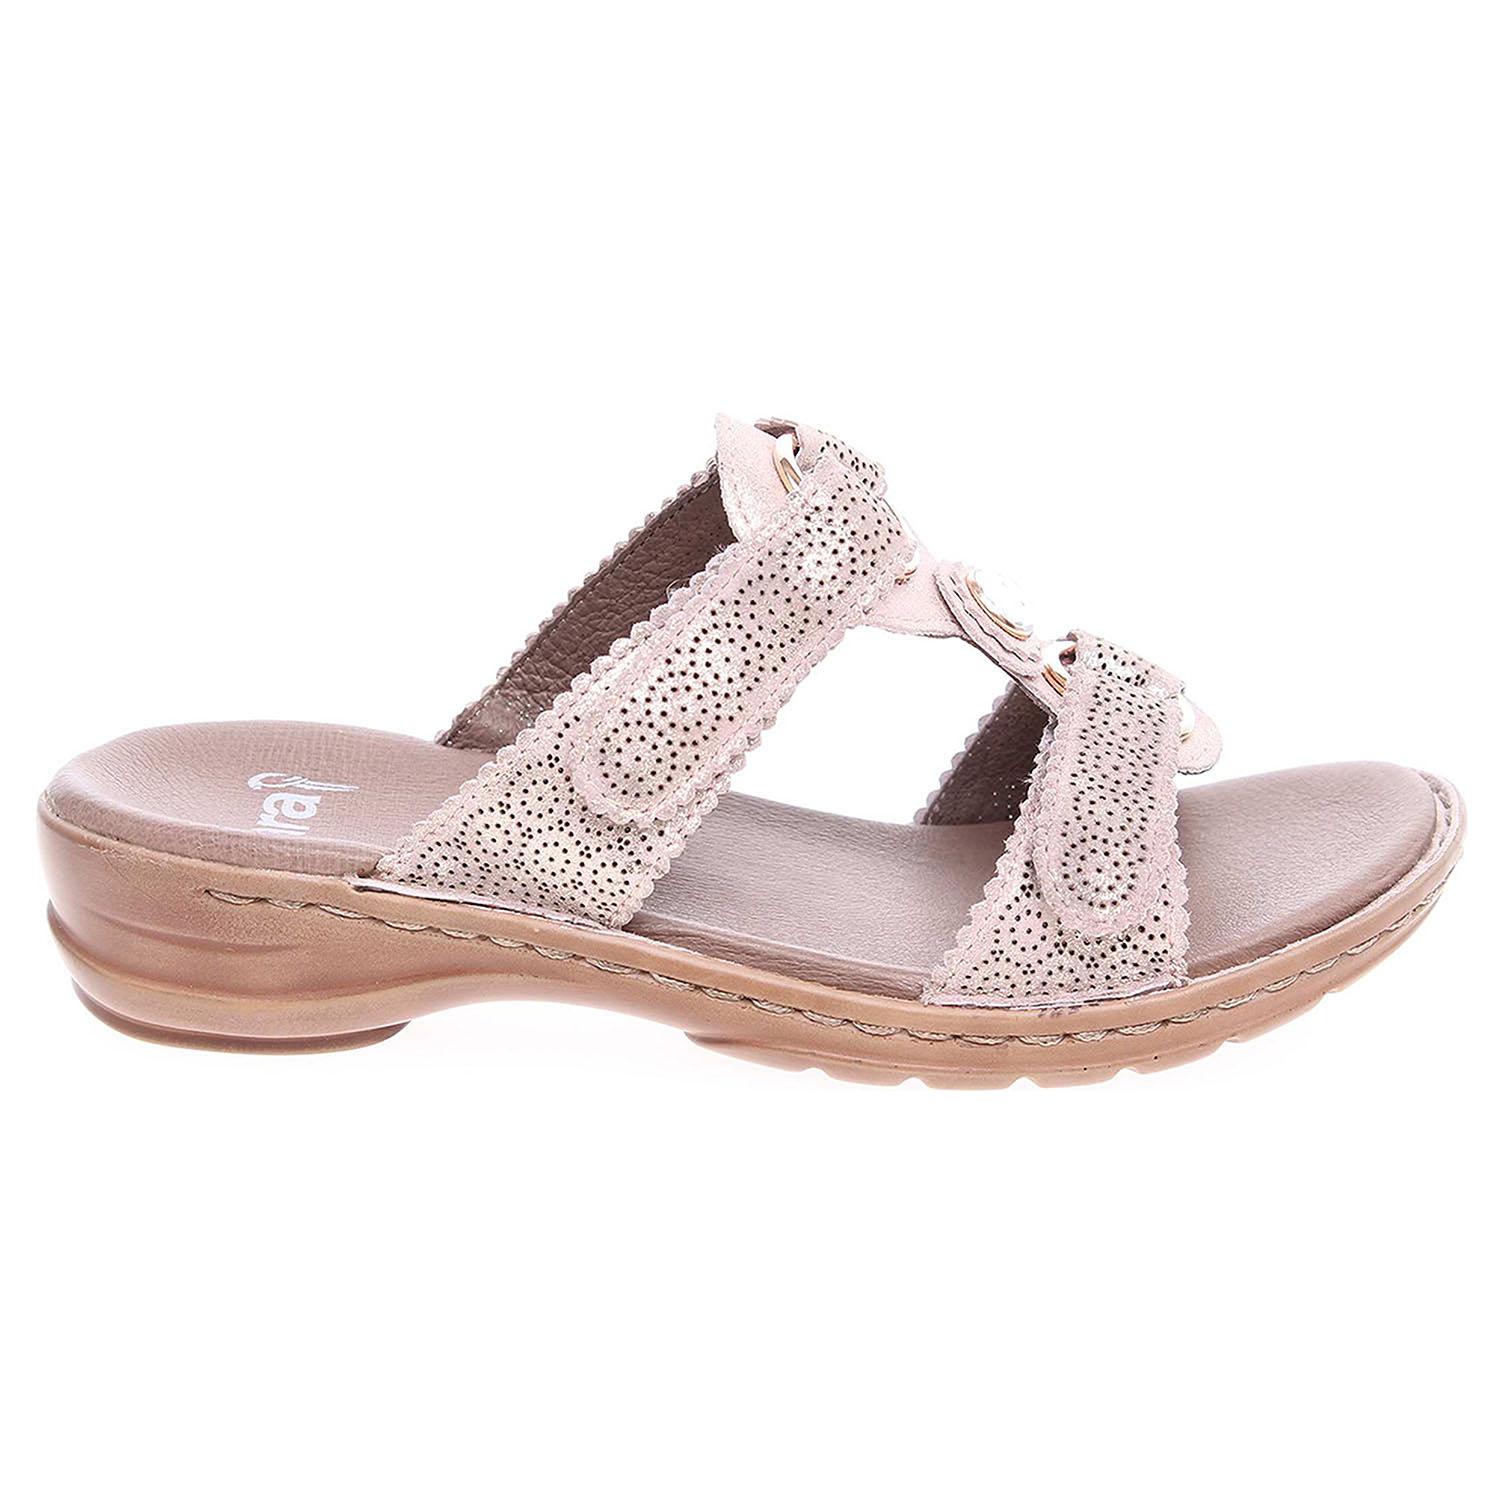 Ecco Ara dámské pantofle 37244-11 zlaté 23600774